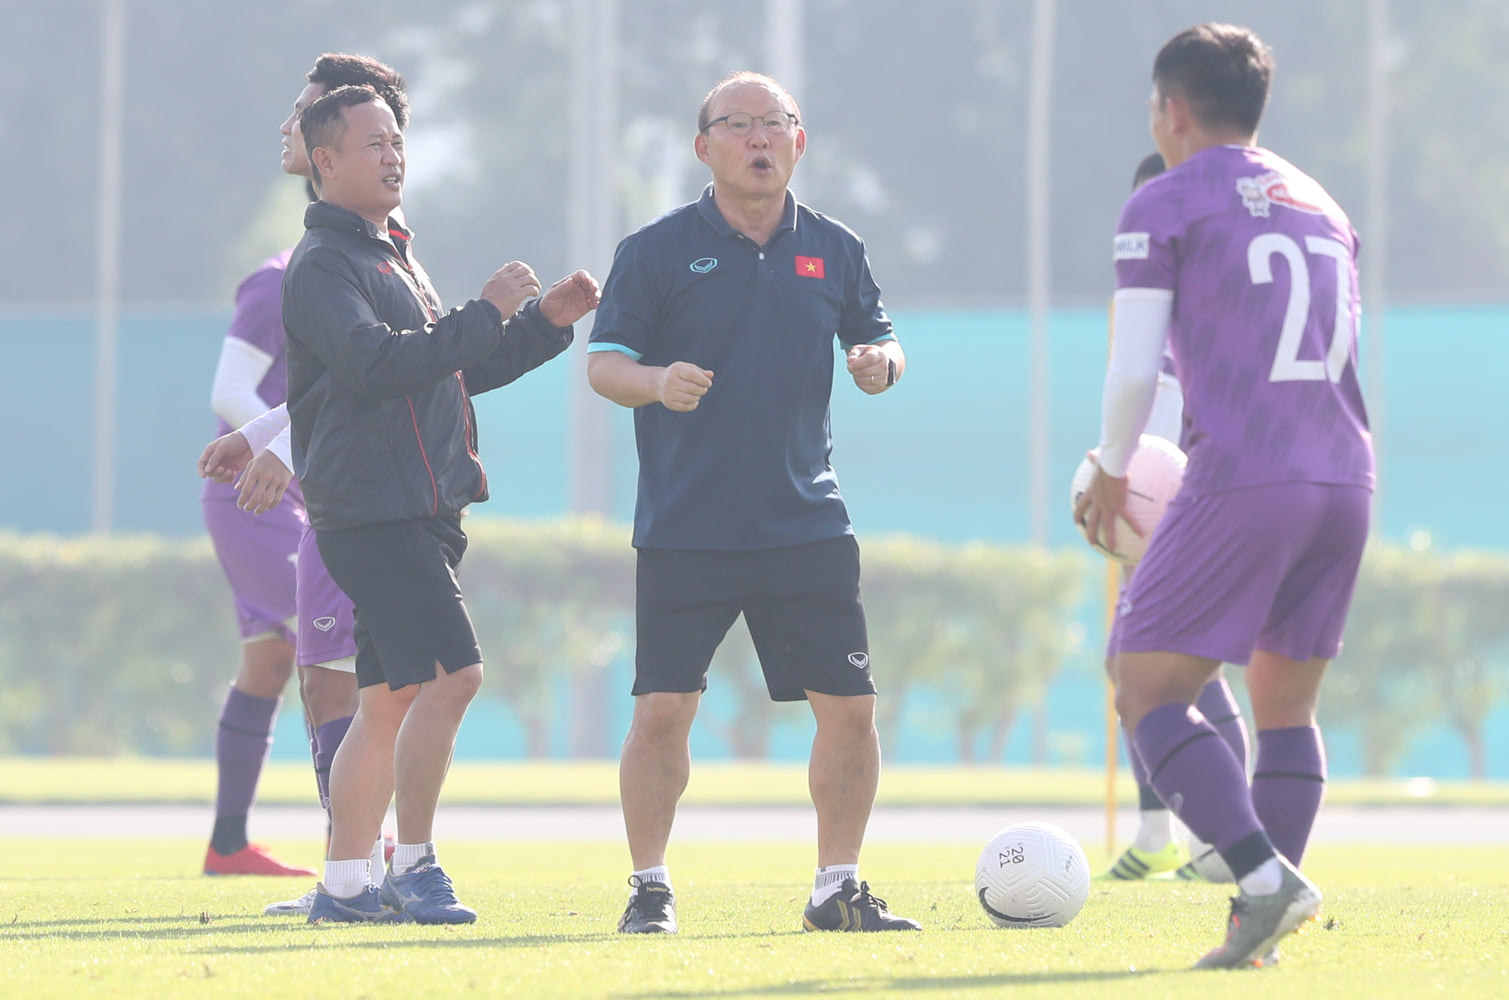 Việt Nam vs Indonesia, lịch thi đấu vòng loại World Cup 2022, trực tiếp bóng đá hôm nay, vtv6, bảng xếp hạng bảng G vòng loại World Cup 2022 khu vực châu Á, vn vs indo